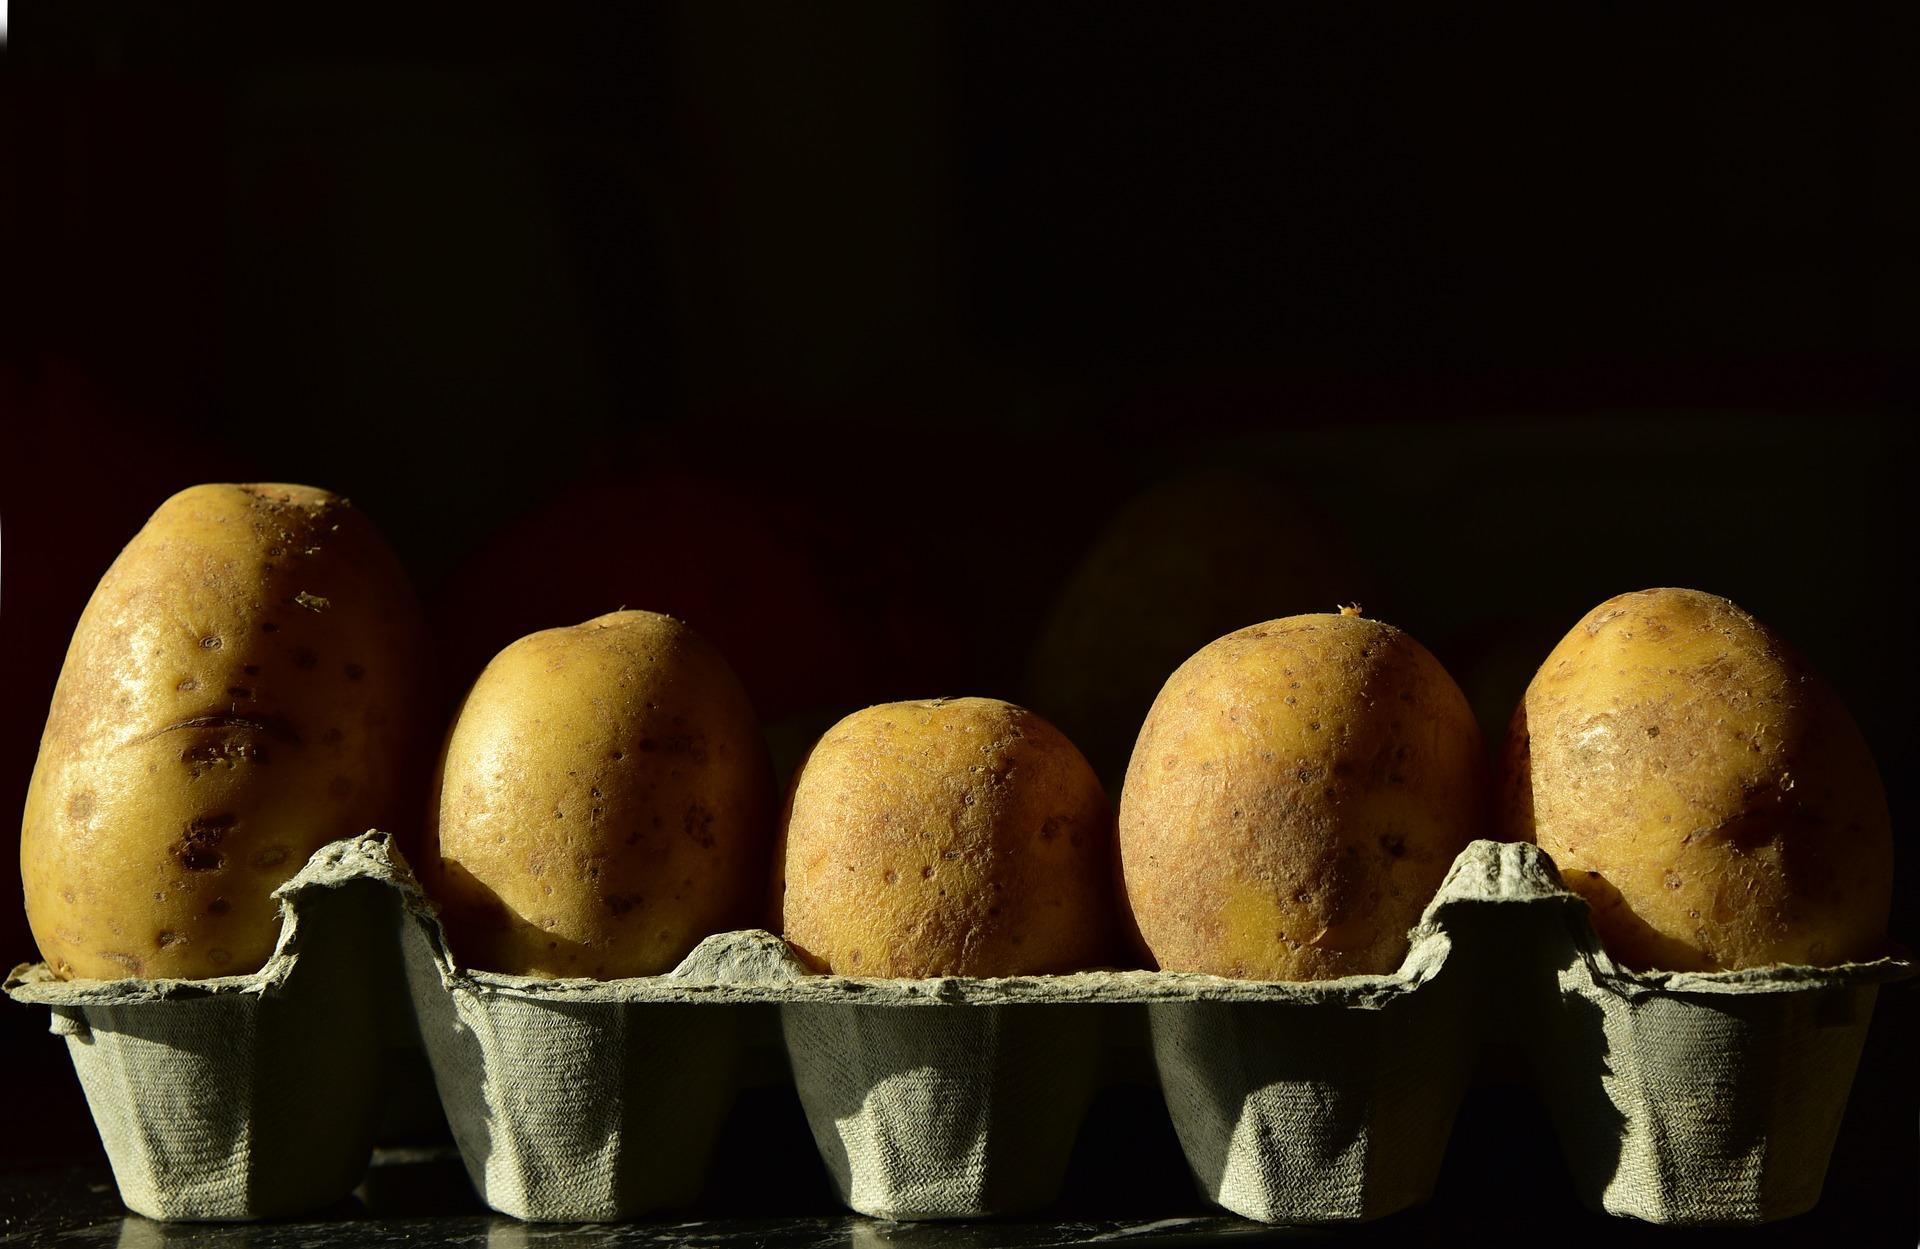 وداعا تجارة البيض.مرحبا بالنباتية